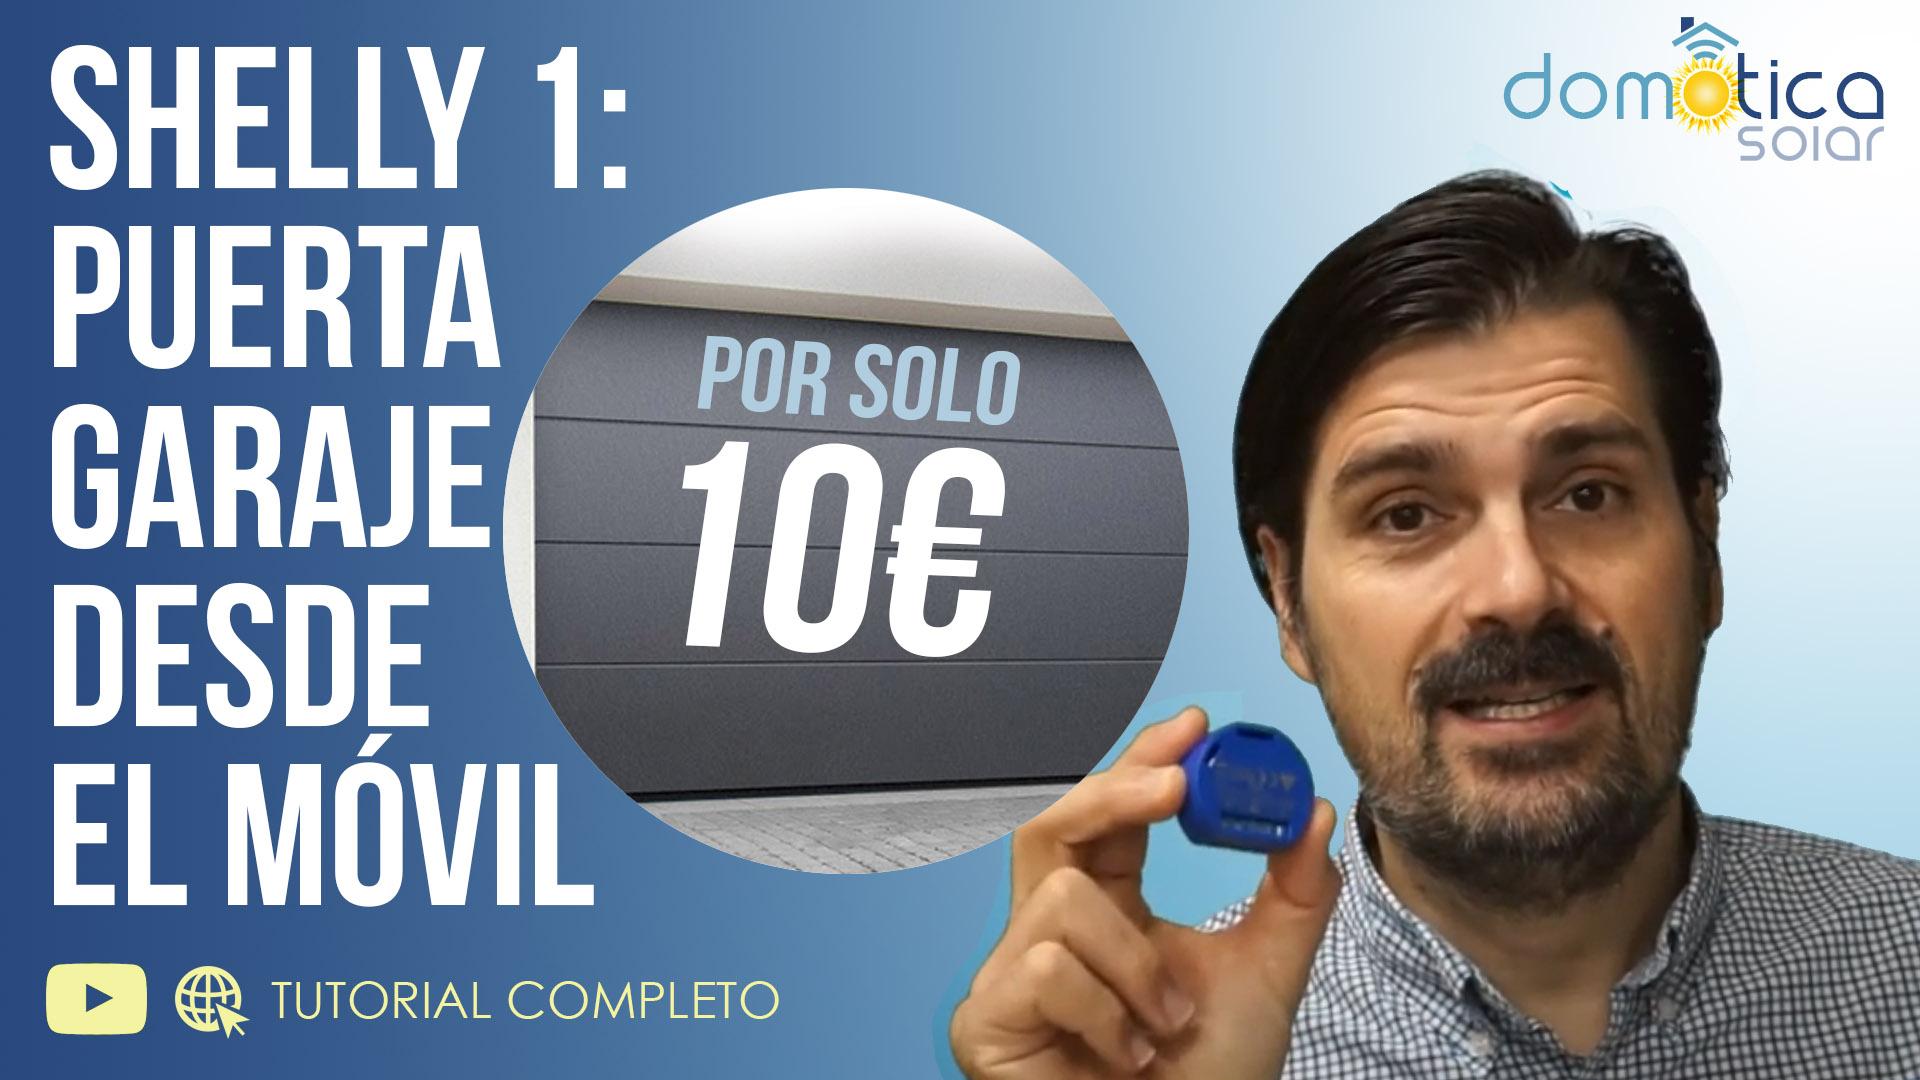 Domótica Solar - SHELLY1: Abrir la PUERTA de tu GARAJE desde el MÓVIL por 10 euros